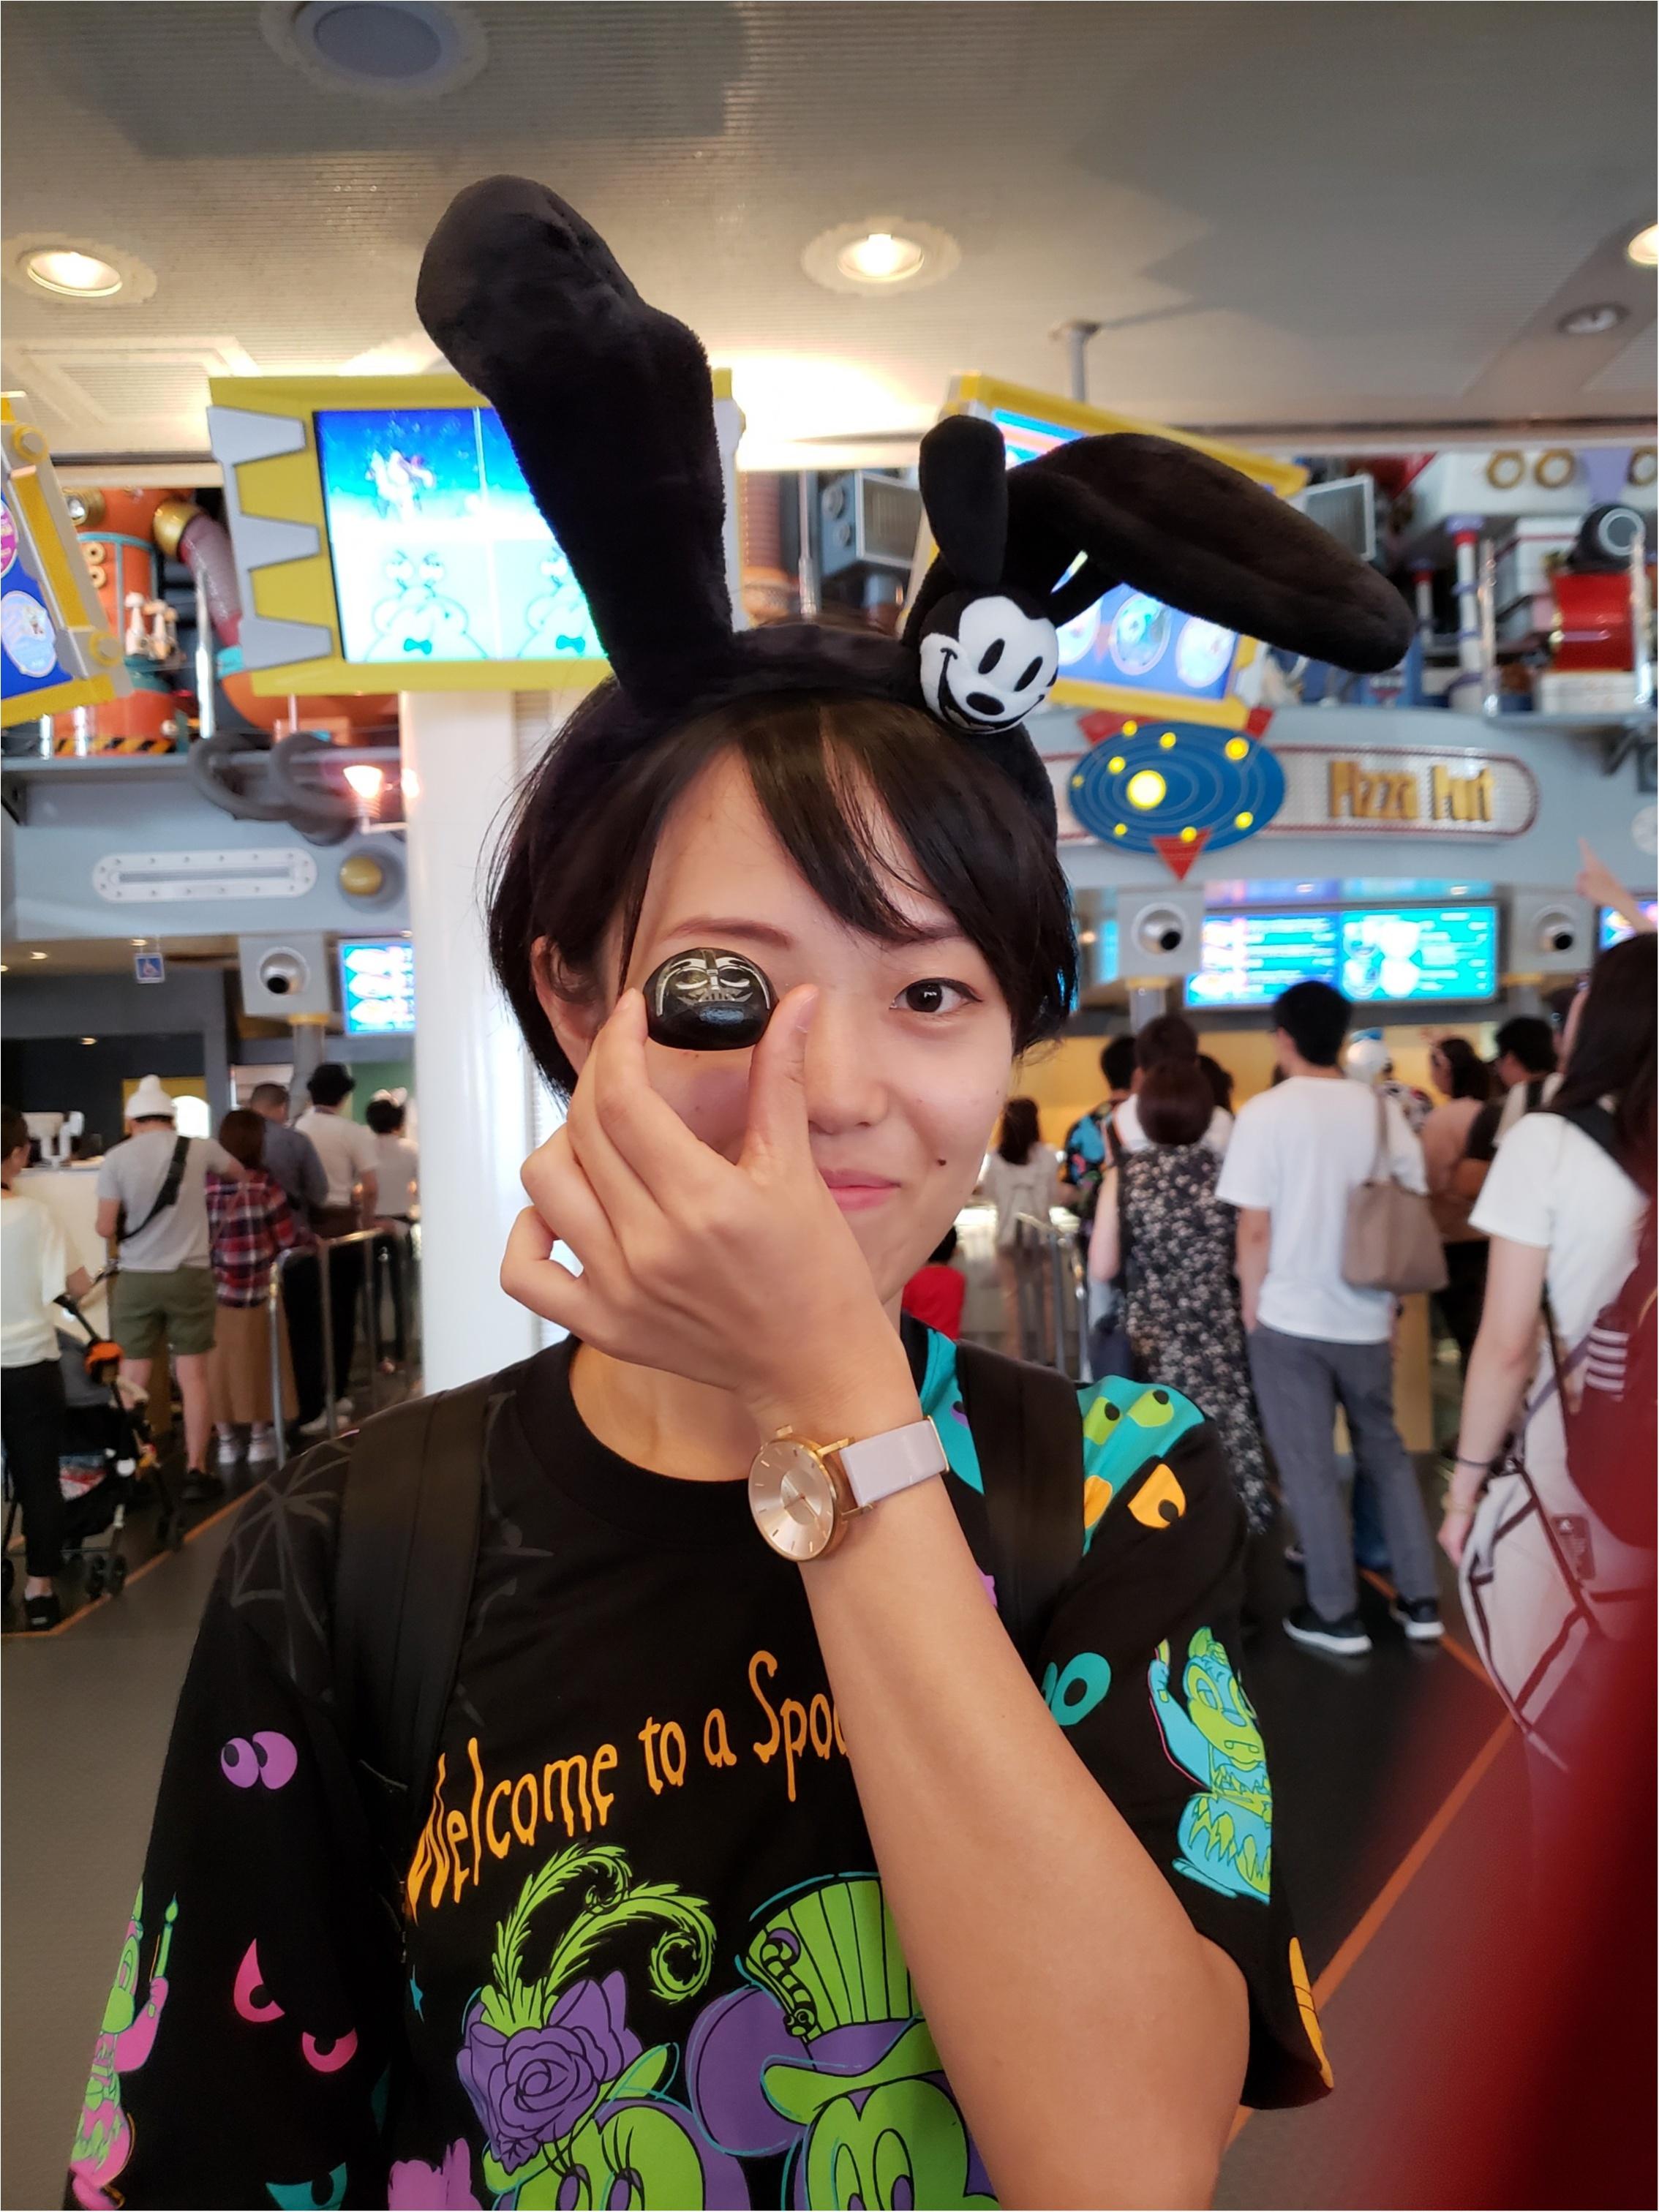 【東京ディズニーランド】9/11ハロウィーン初日に行ってきました!_9